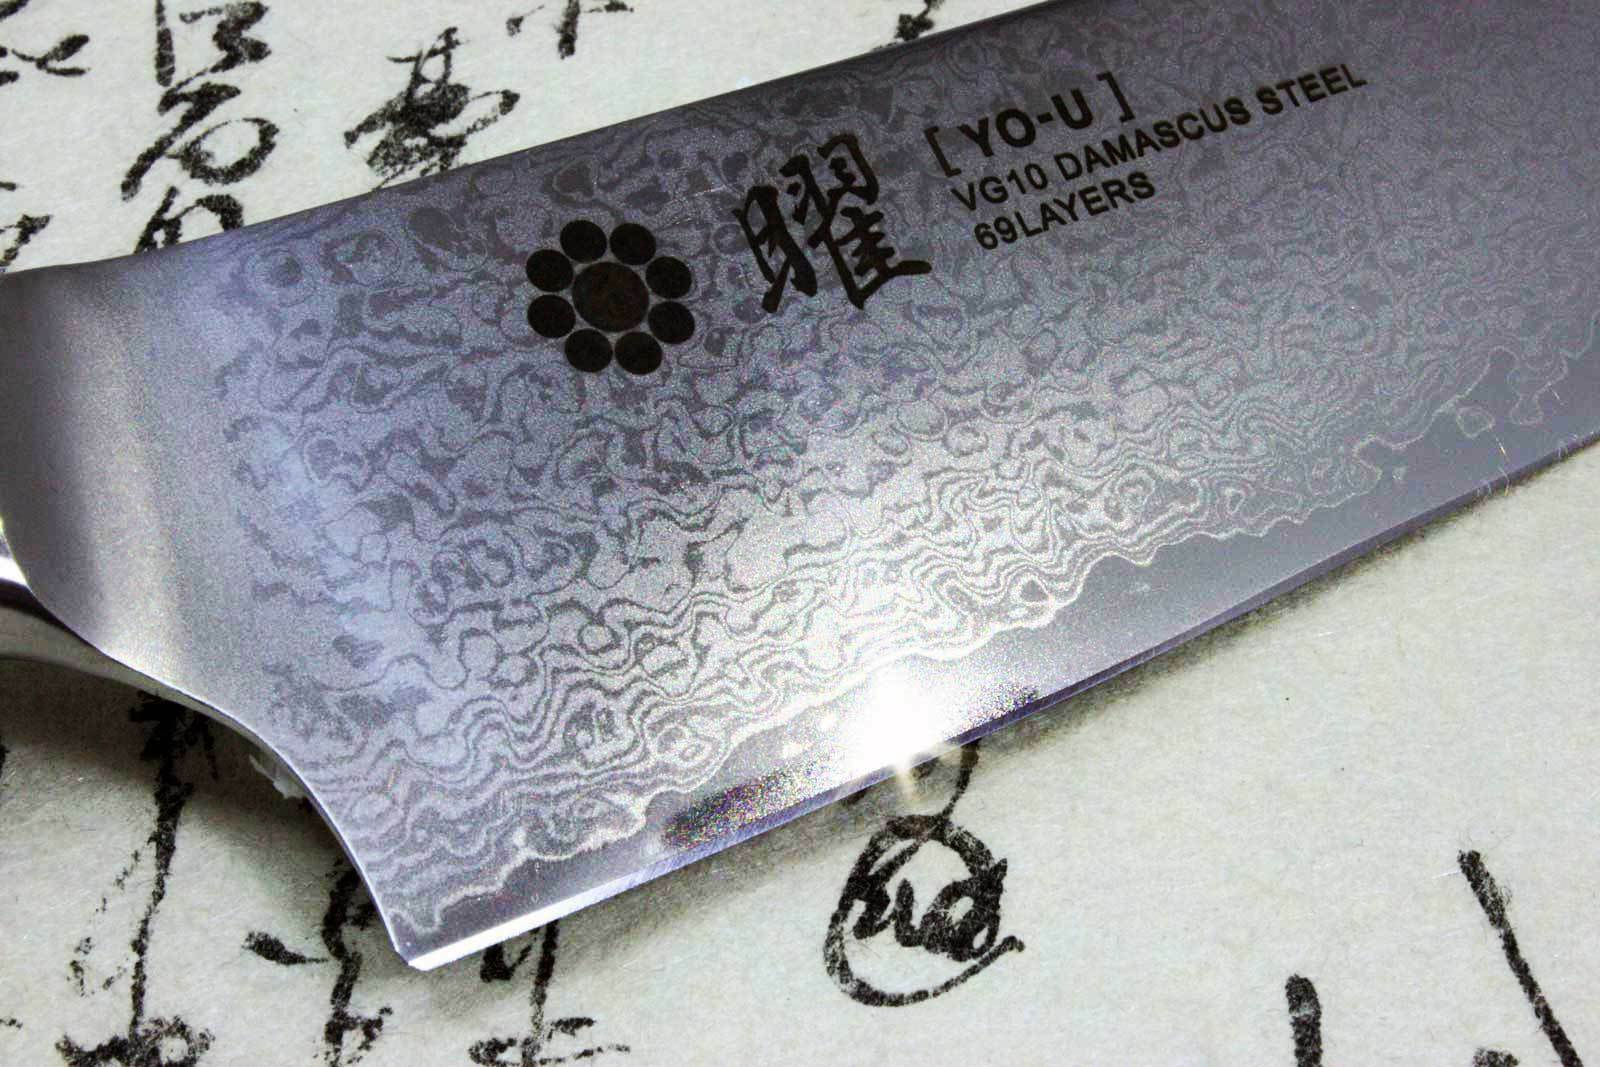 Japonais Yaxell Yo-U 69 Couches VG-10 Damas Cuisine Chef Couteau Santoku Japon